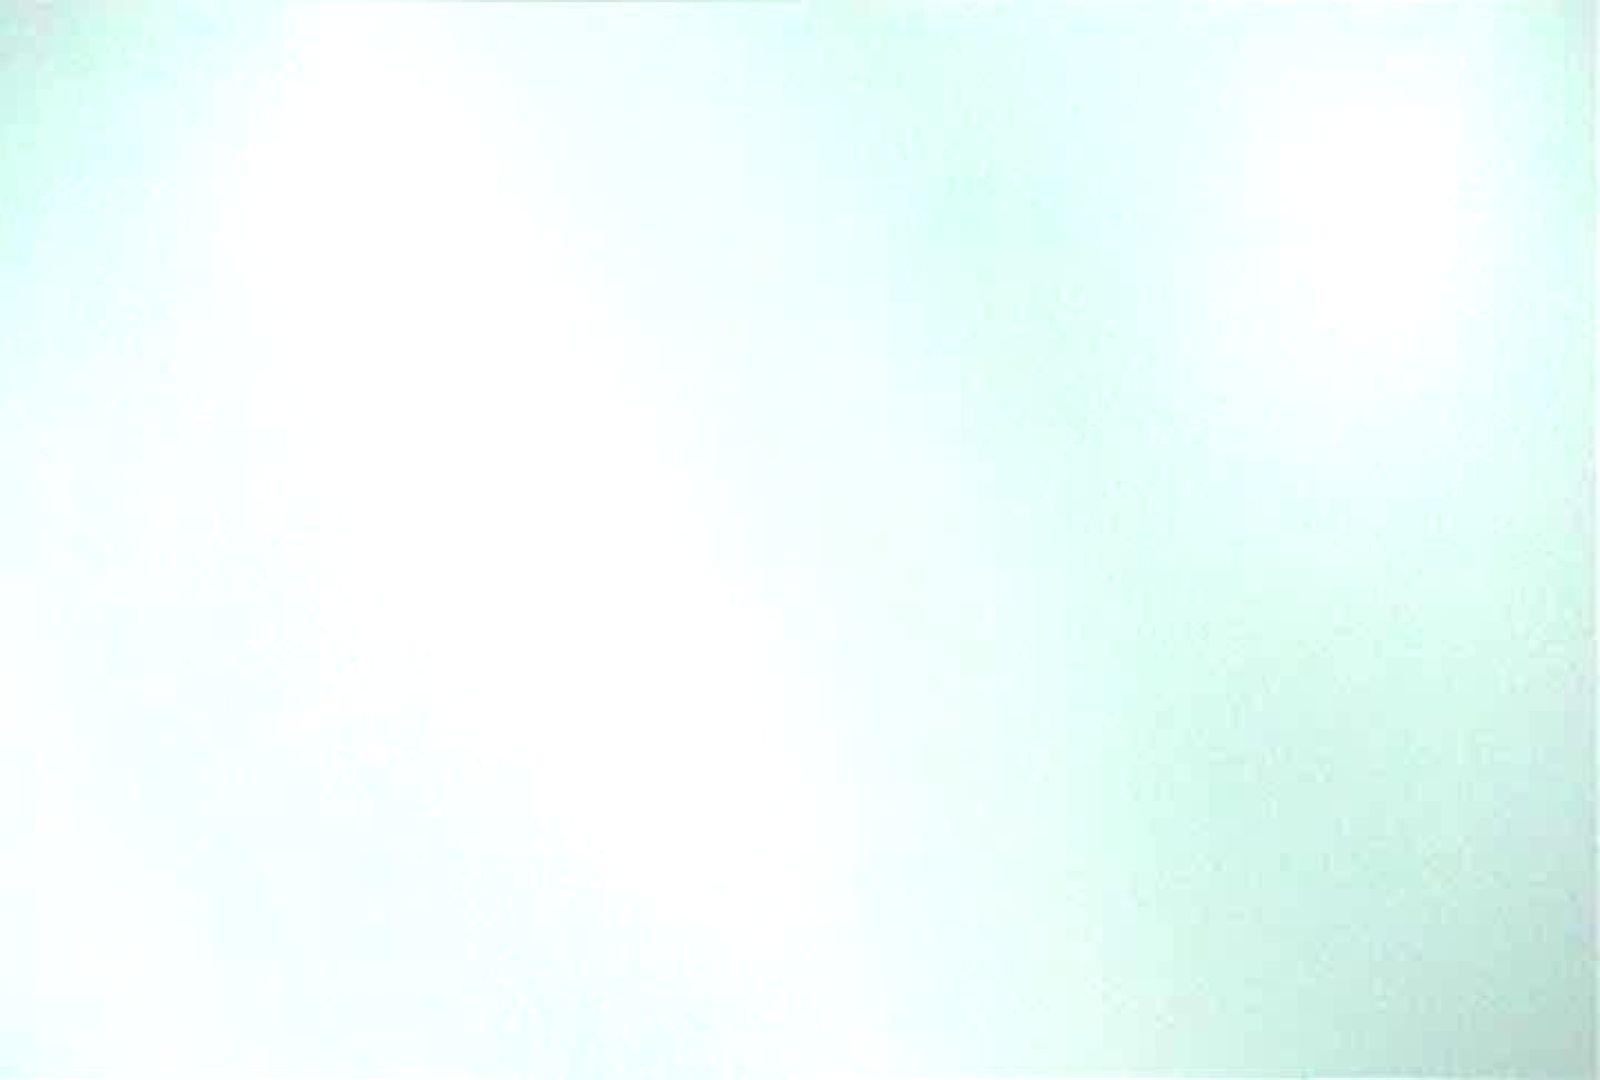 充血監督の深夜の運動会Vol.43 OLヌード天国 | 車でエッチ  87PIX 49